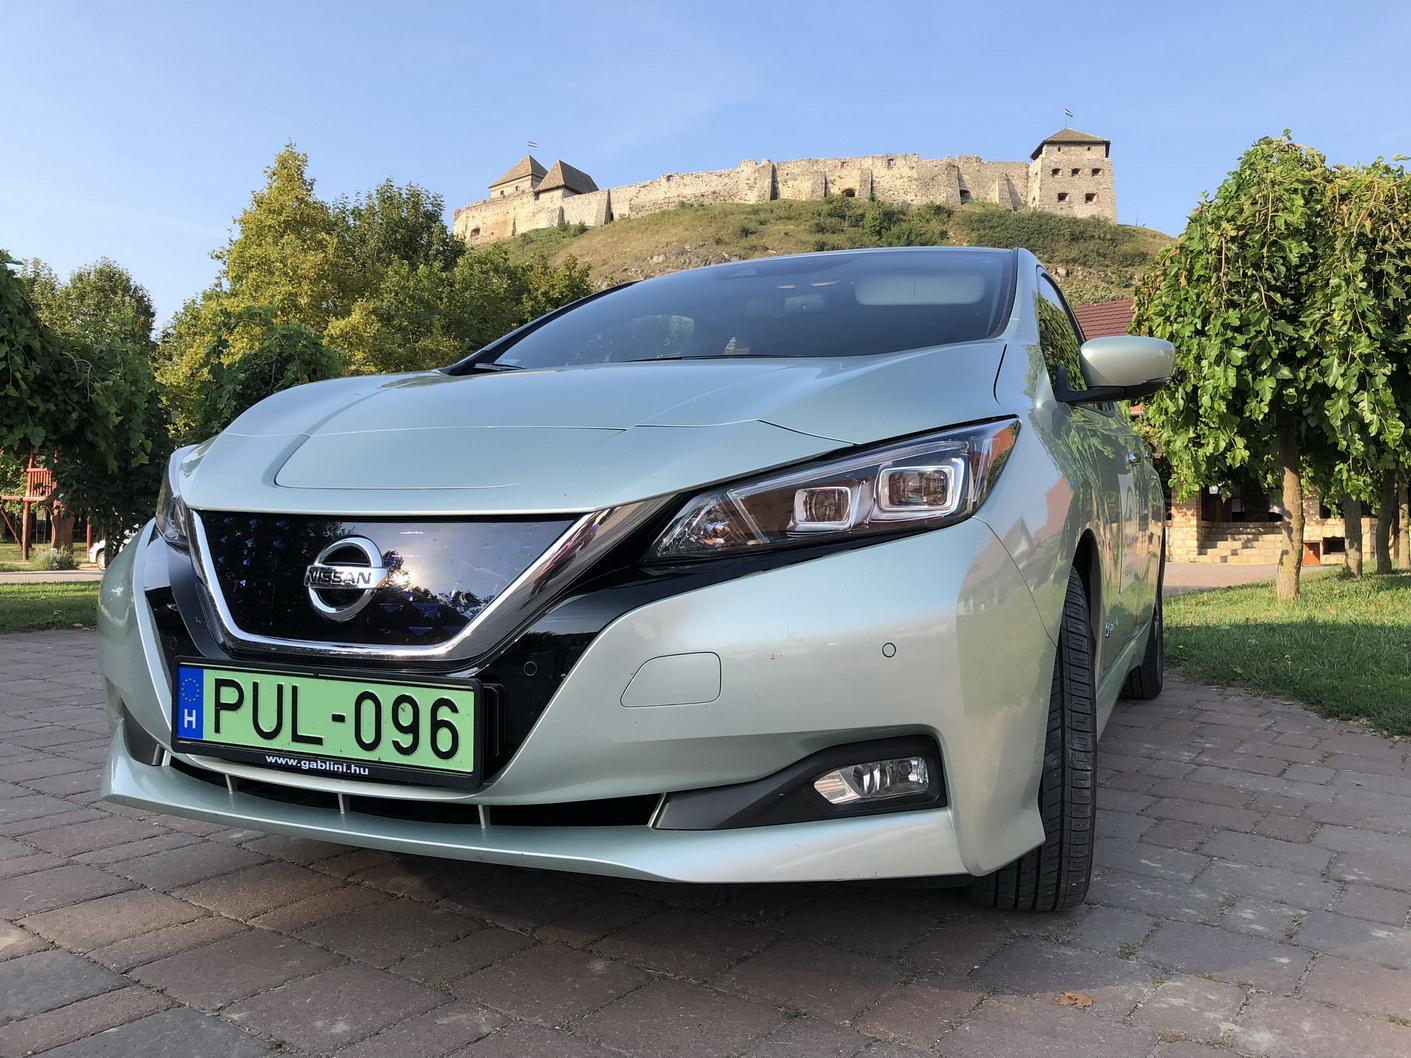 Jól fogynak az elektromos autók Magyarországon, de nem a bolygó megmentése miatt